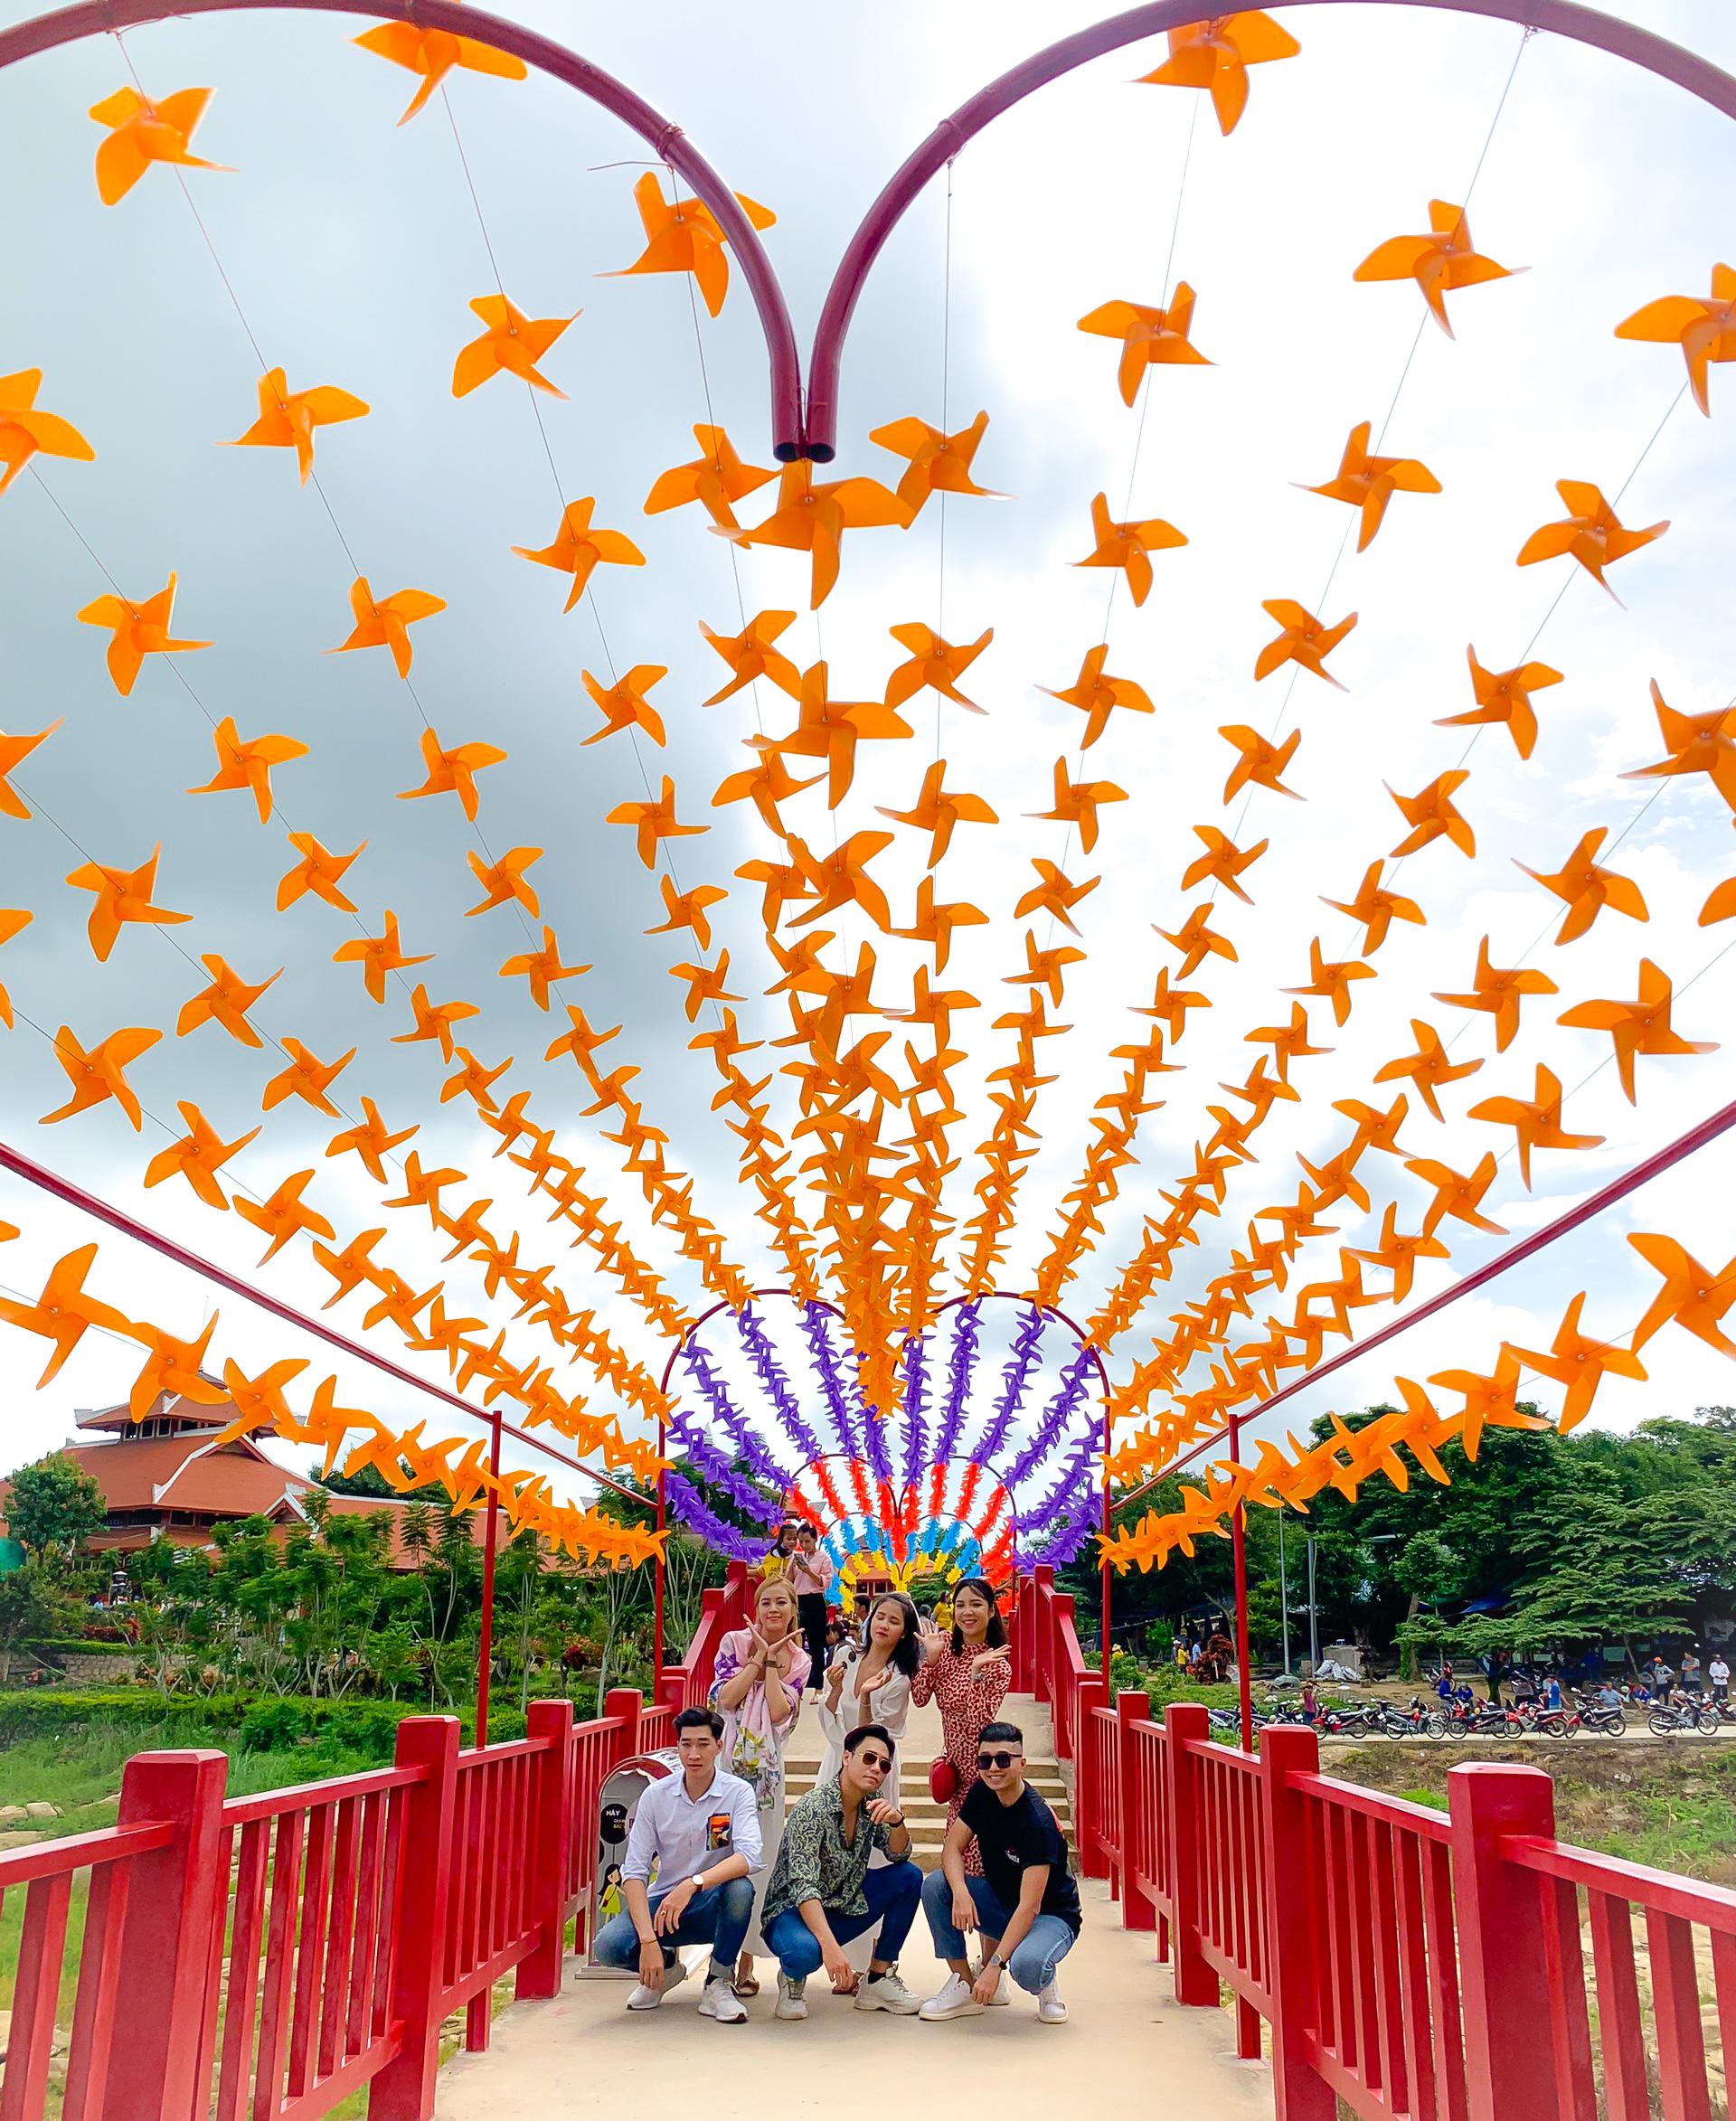 Điểm đến giải nhiệt mùa hè không thể bỏ qua của giới trẻ tại công viên nước Thanh Long Water Park An Giang - Ảnh 7.